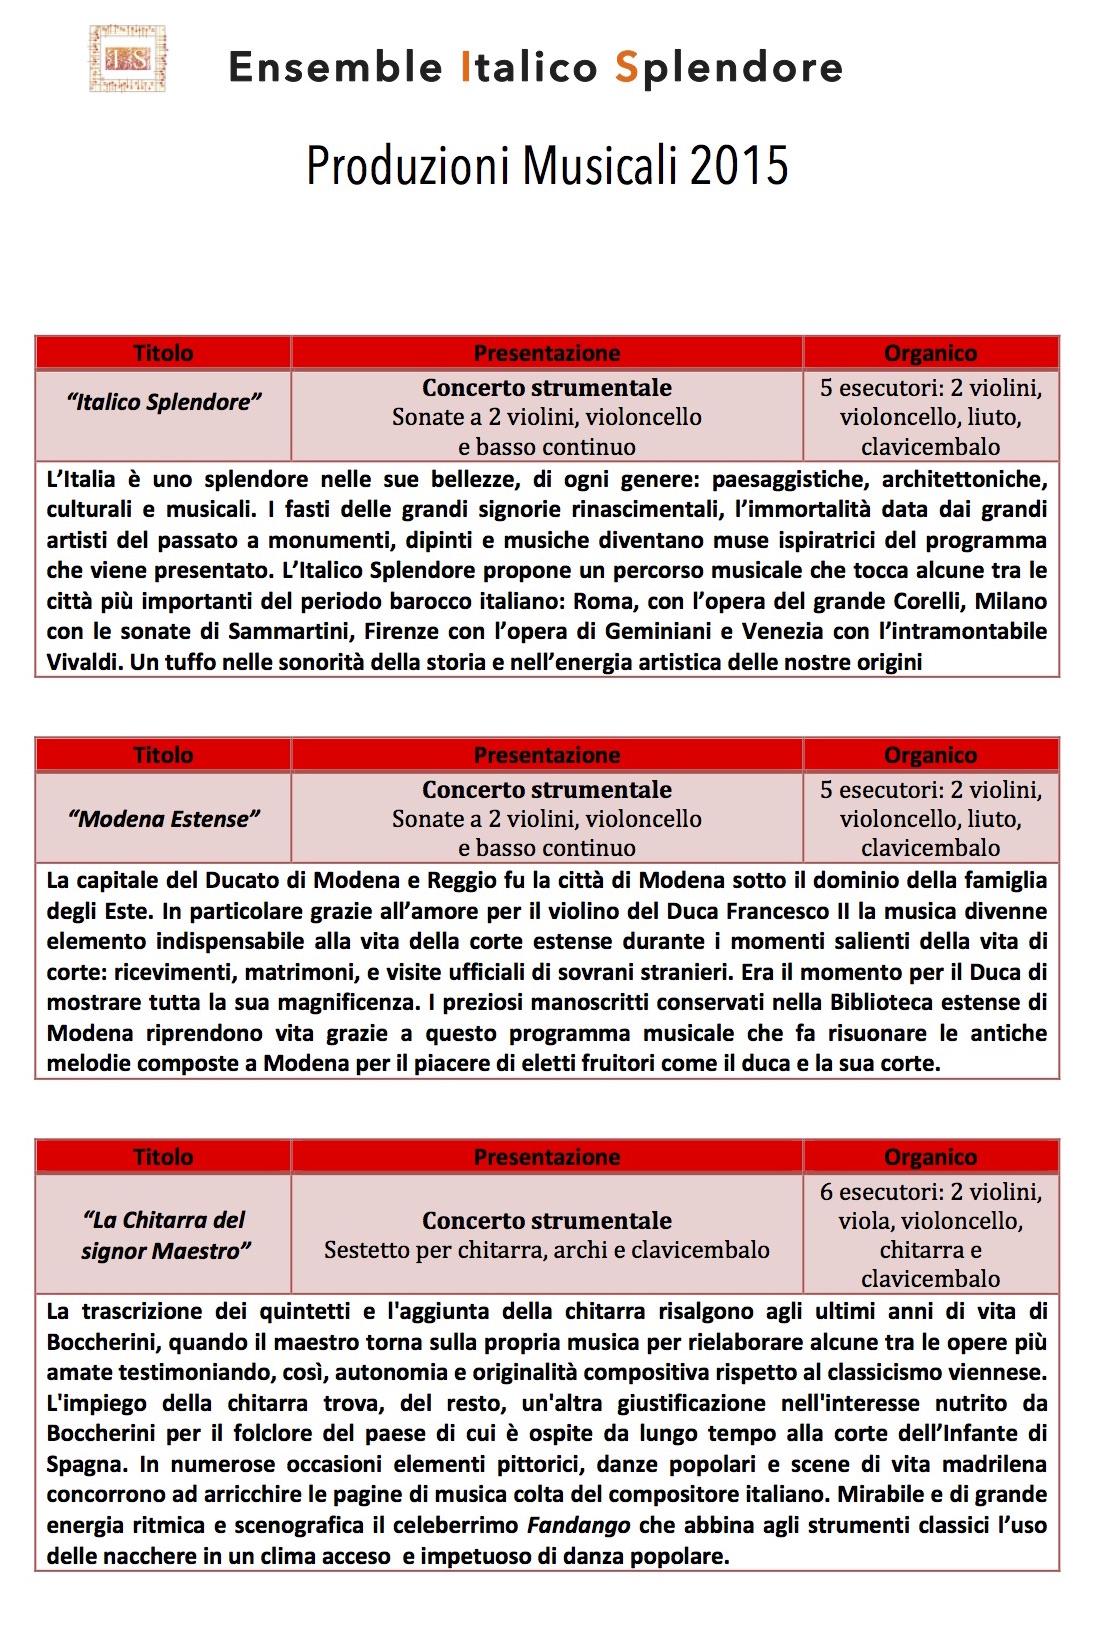 Produzioni Musicali Italico Splendore 1